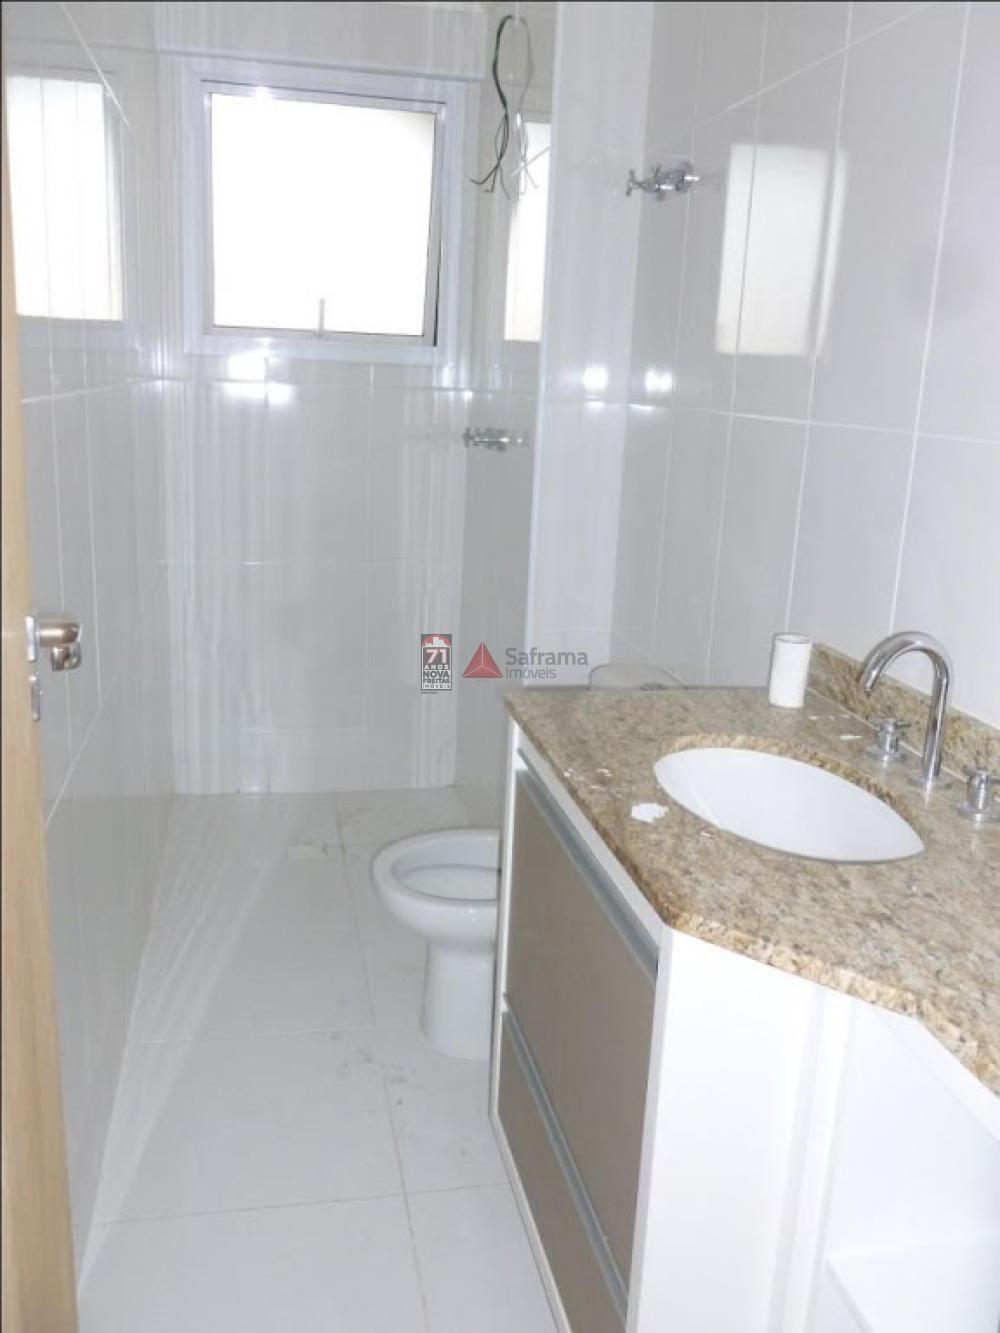 Comprar Apartamento / Padrão em São José dos Campos apenas R$ 484.000,00 - Foto 9